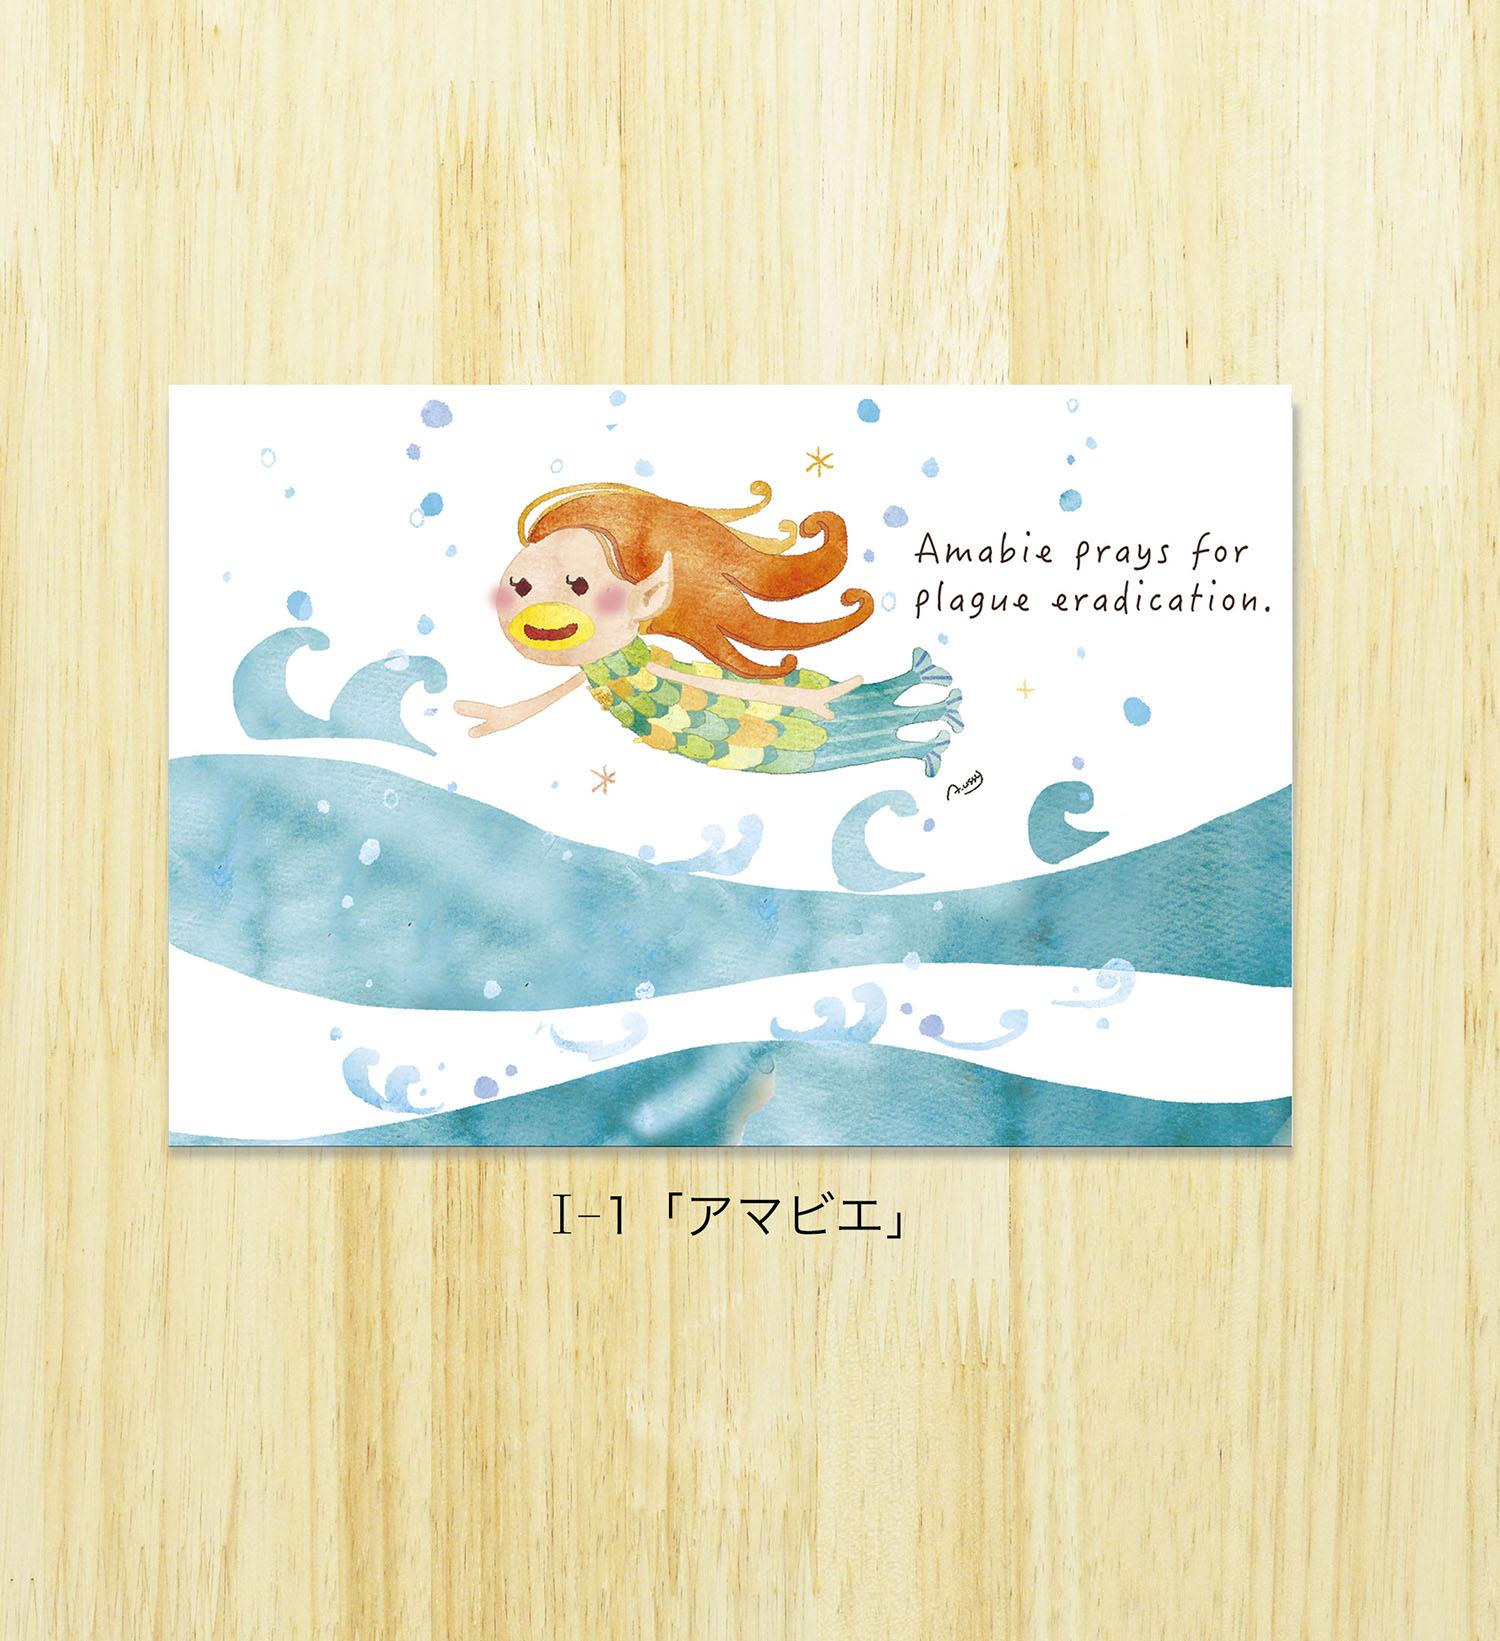 I-1 ポストカード「アマビエ」<br> W100×H148 ¥150(税込み)